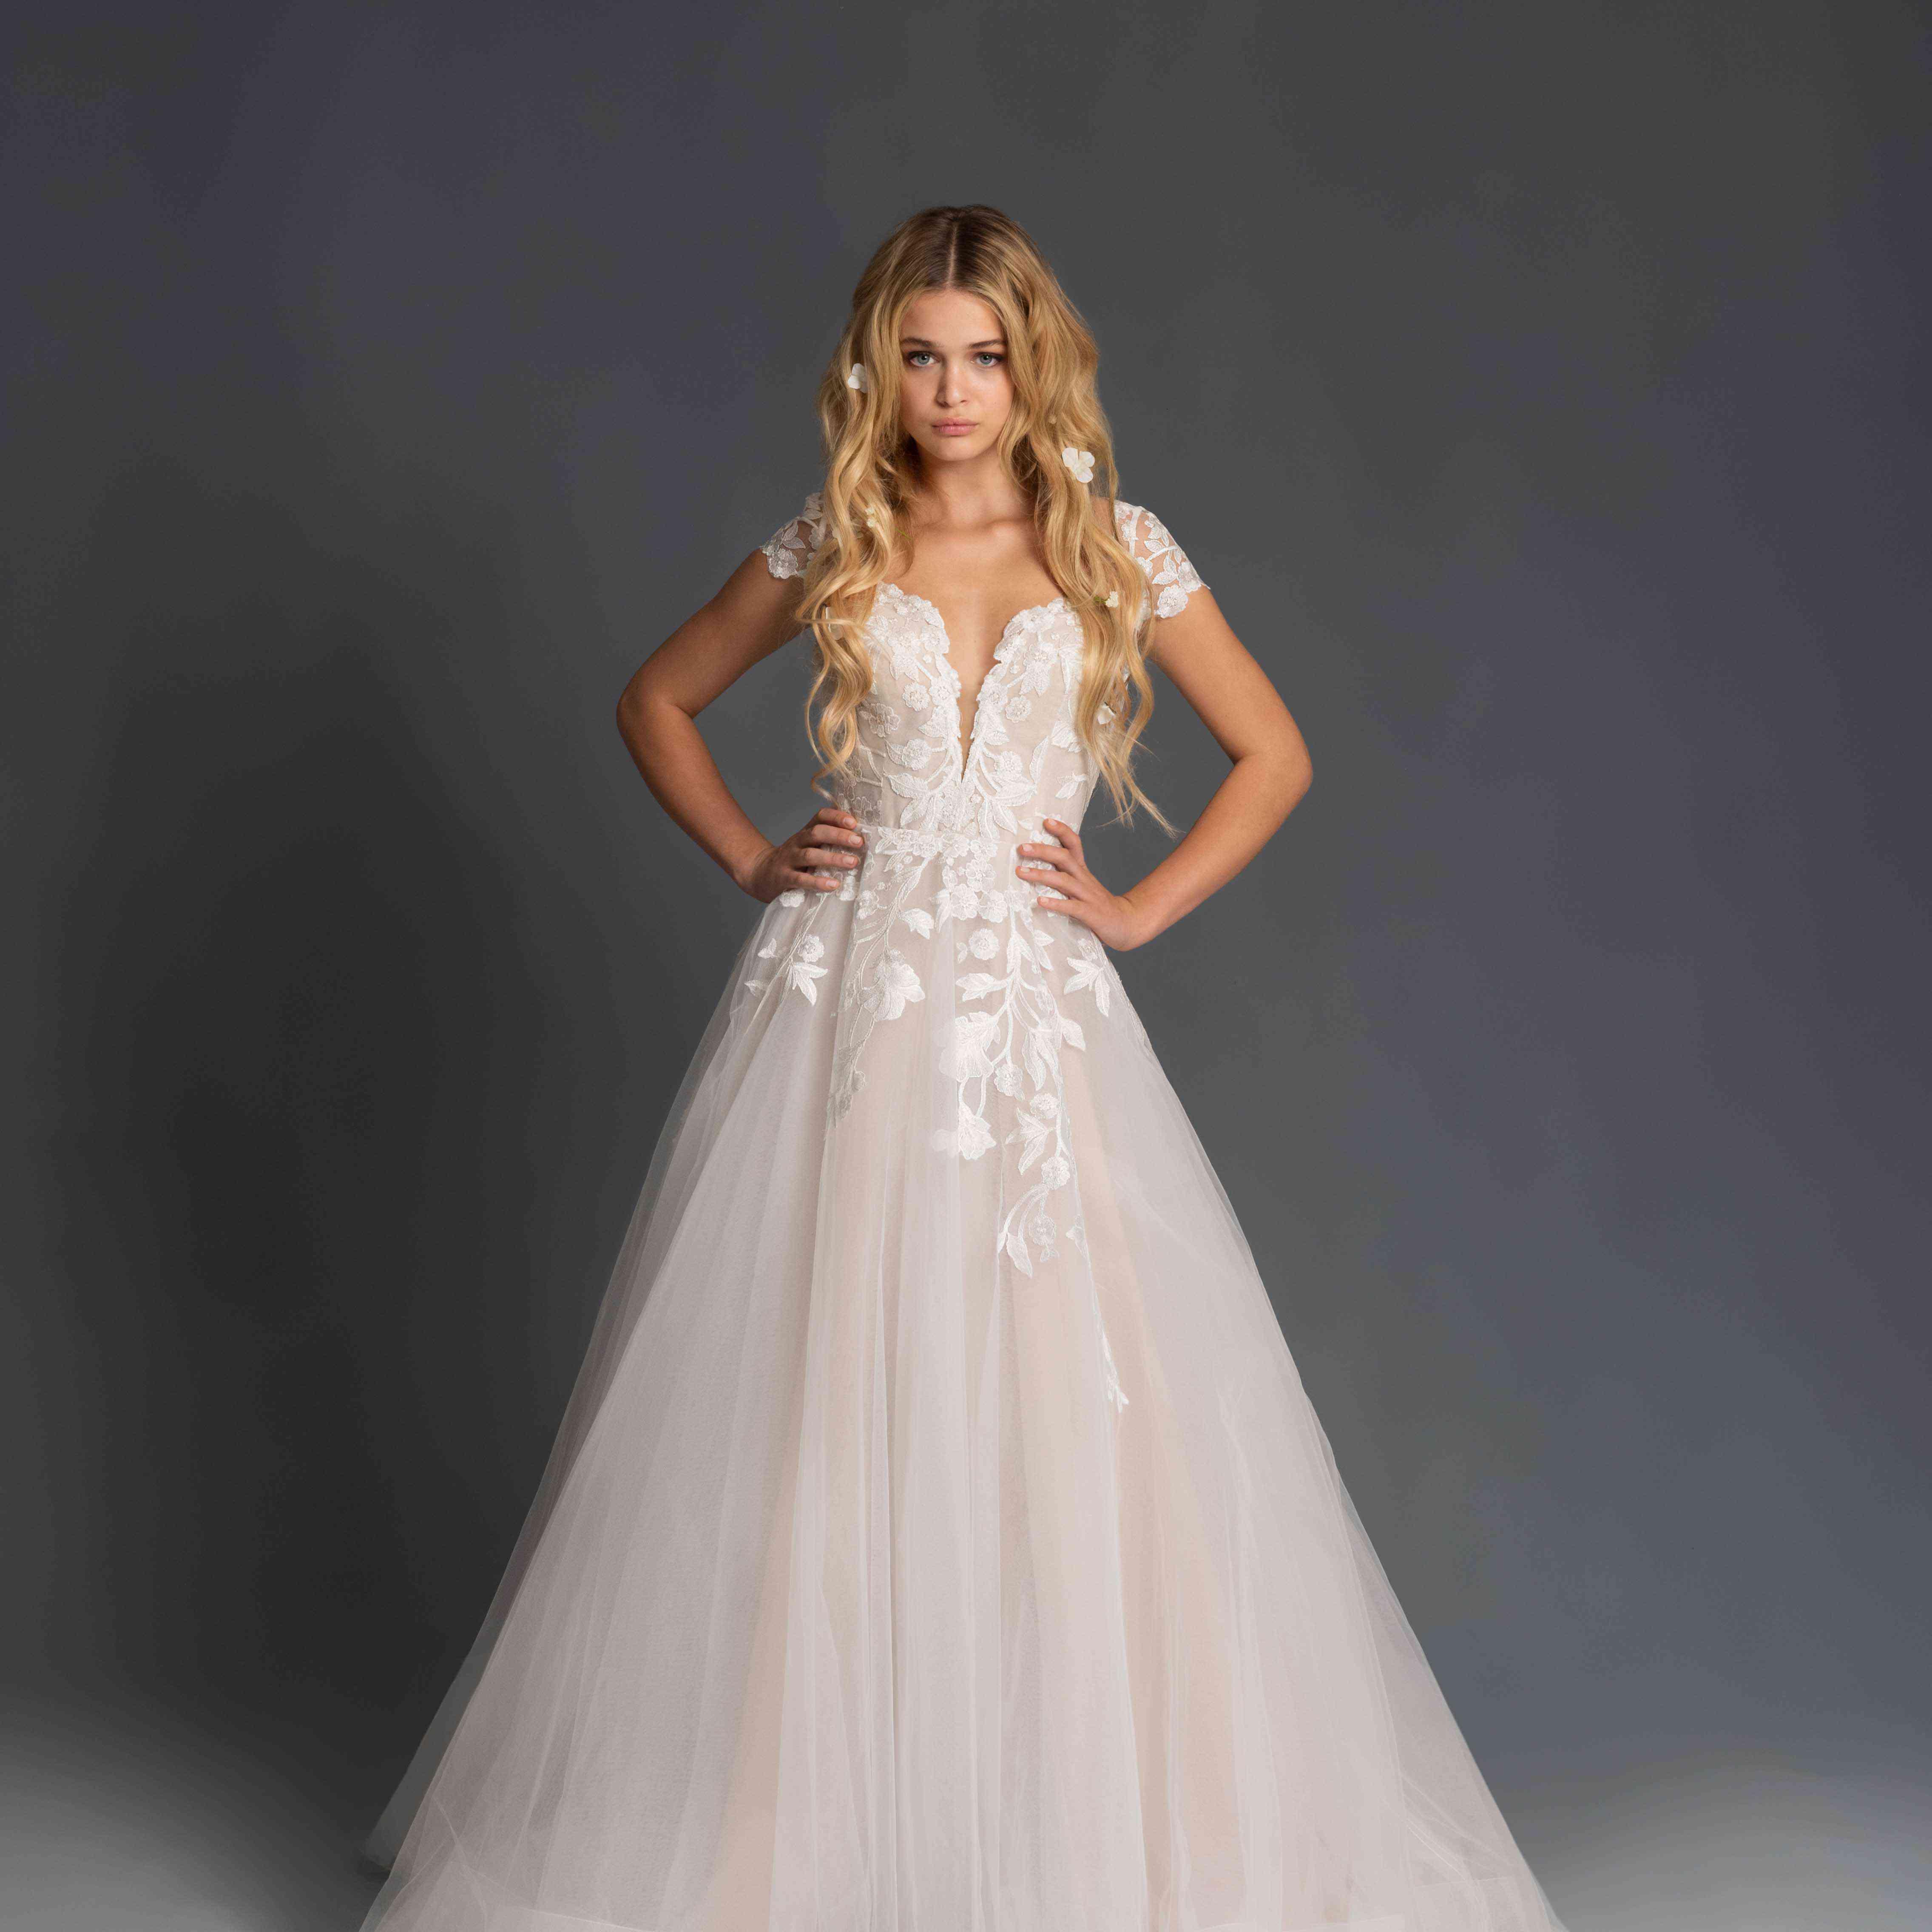 Model in cap sleeve A-line wedding dress